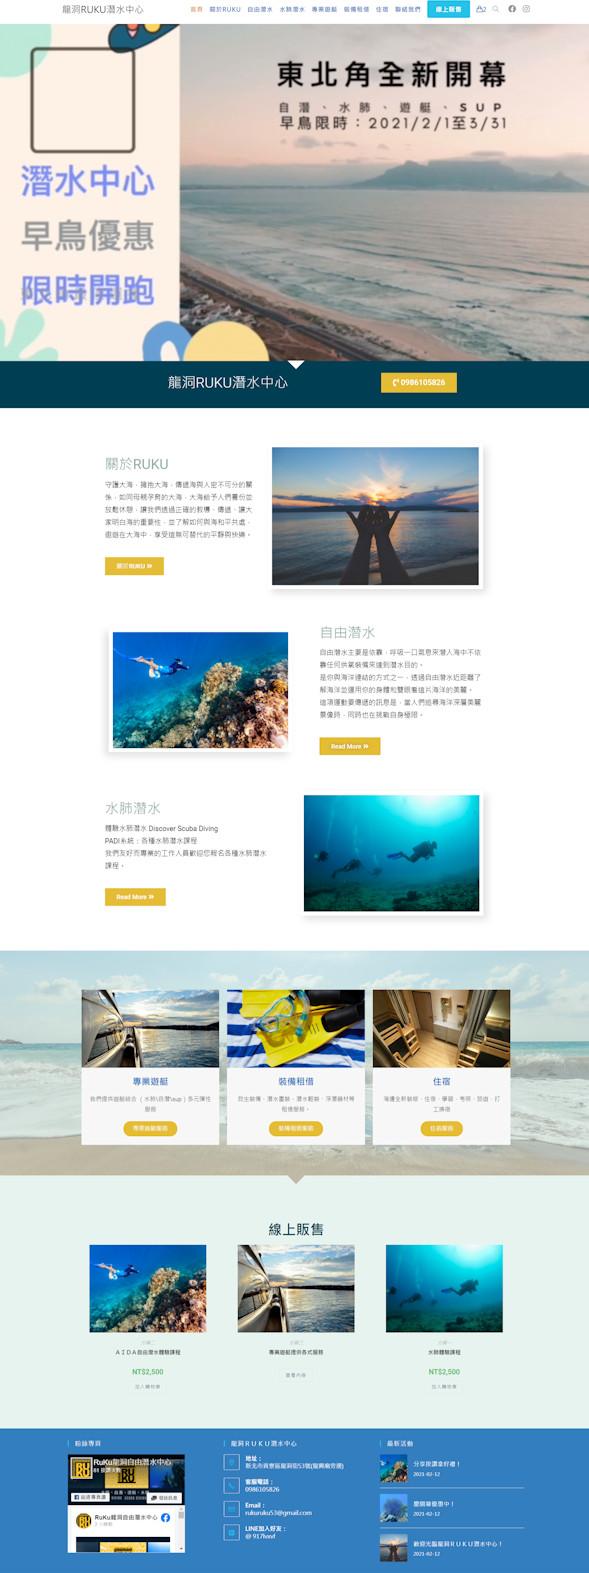 網頁設計-潛水中心2